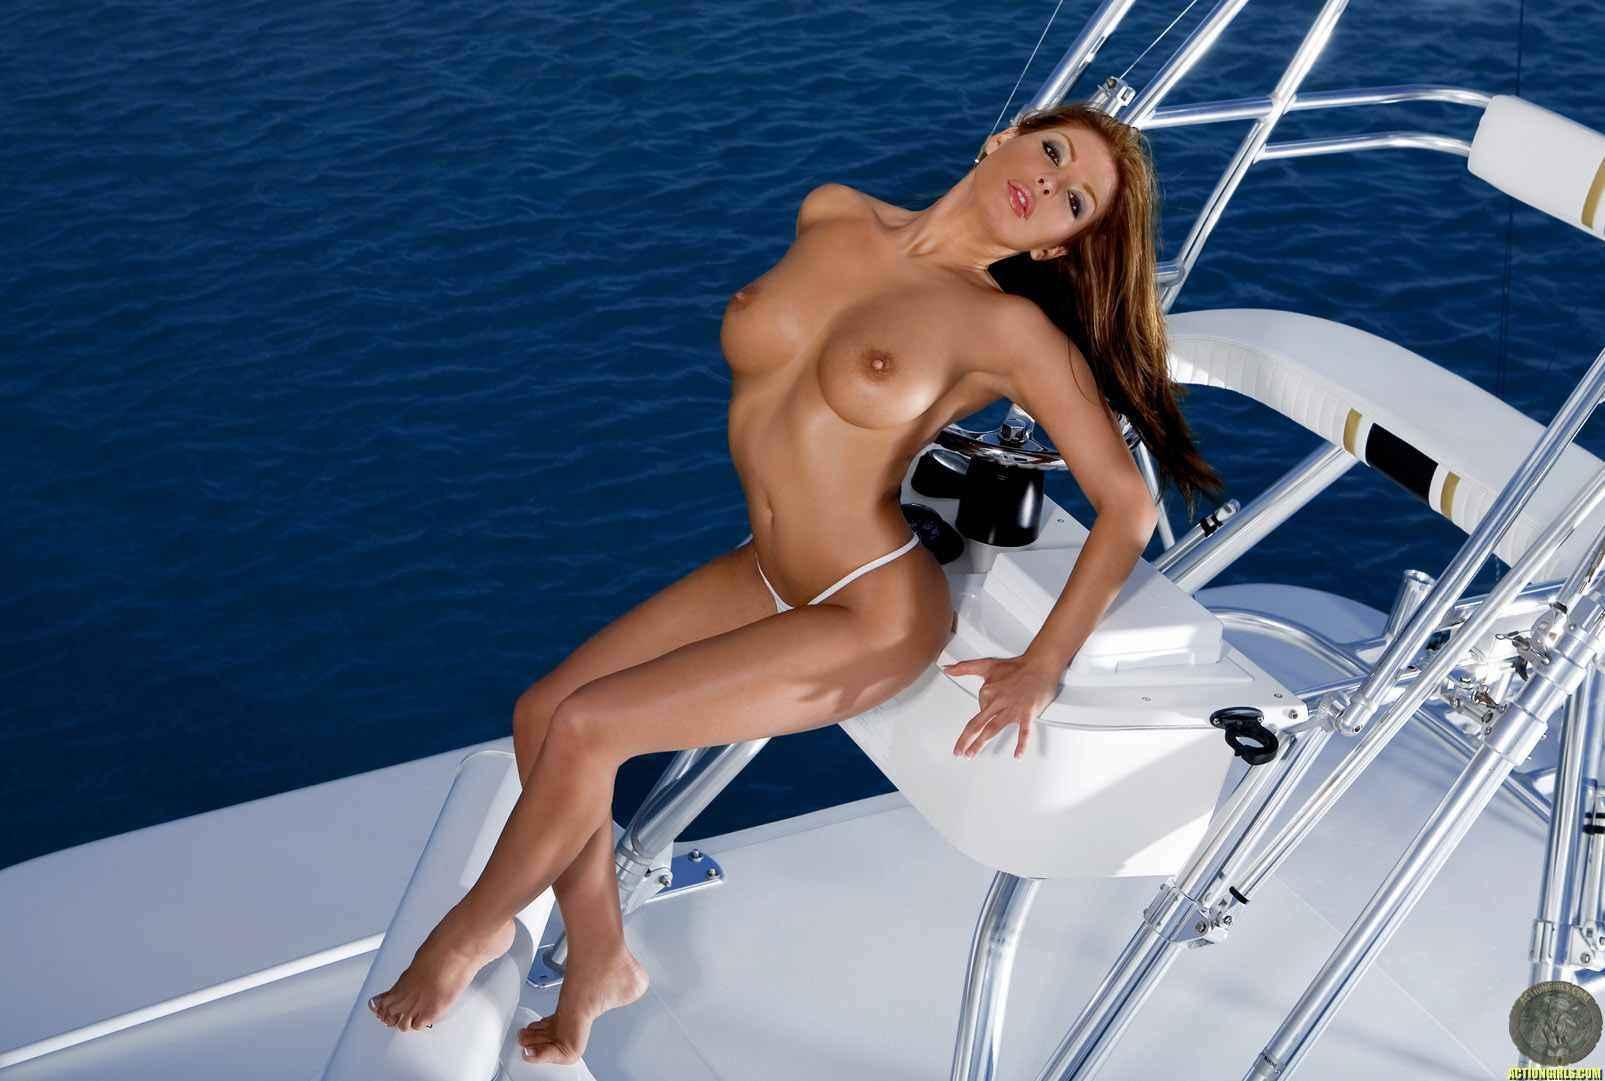 Сексуальные девушки на яхтах фото 7 фотография